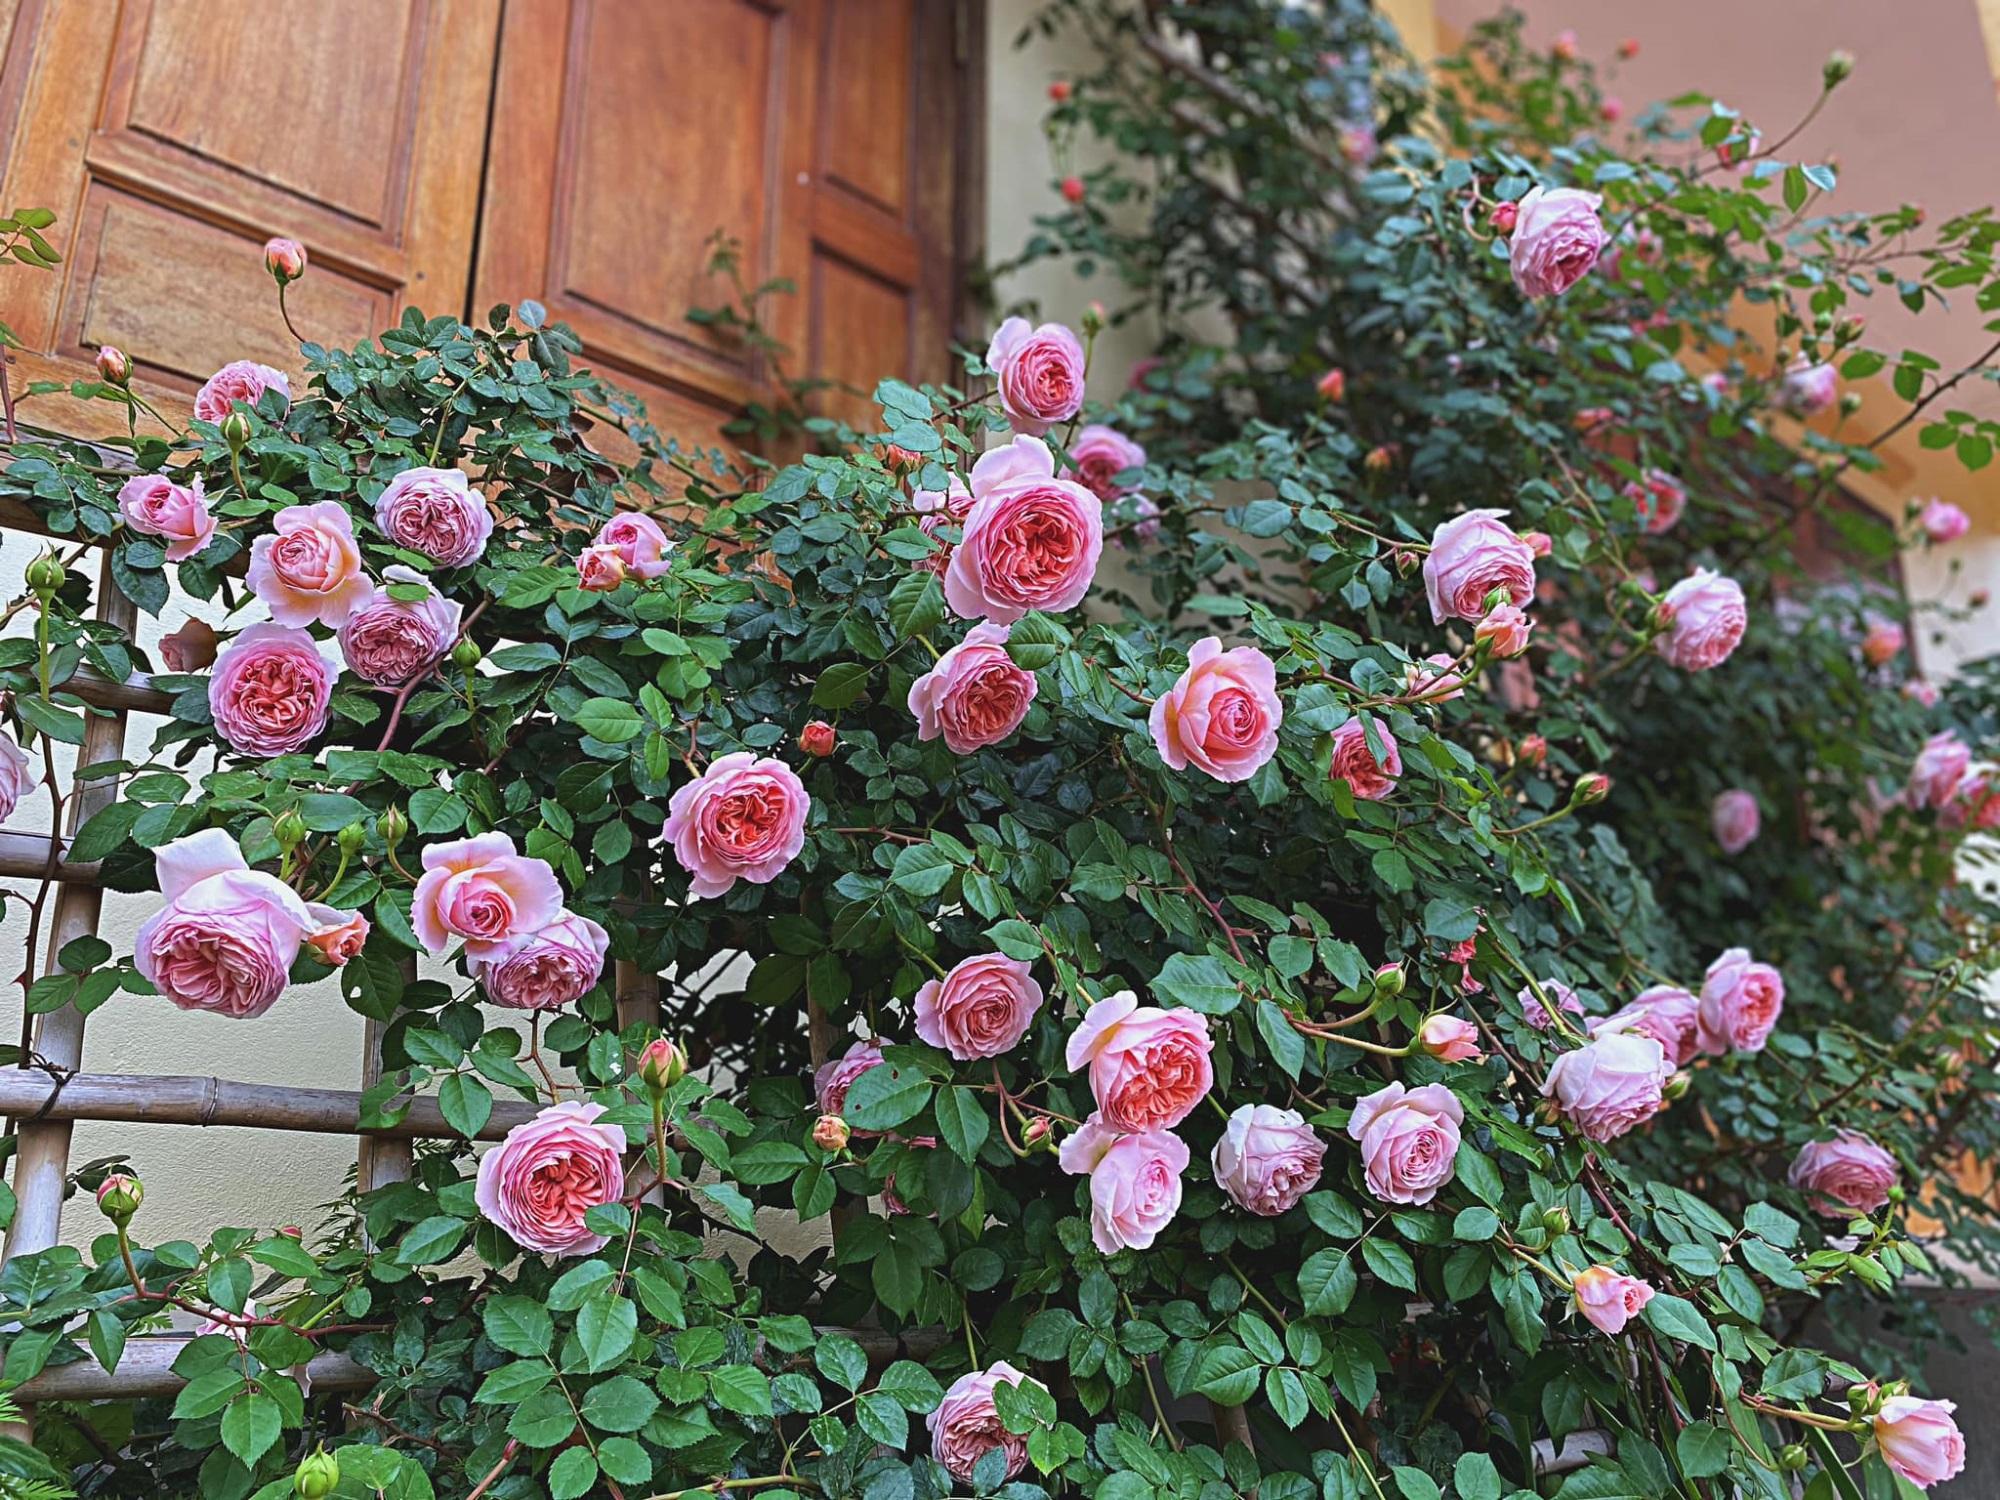 Bí quyết cực dễ để chăm giàn hồng leo nở hoa ngút ngàn, đẹp như trời tây - Ảnh 5